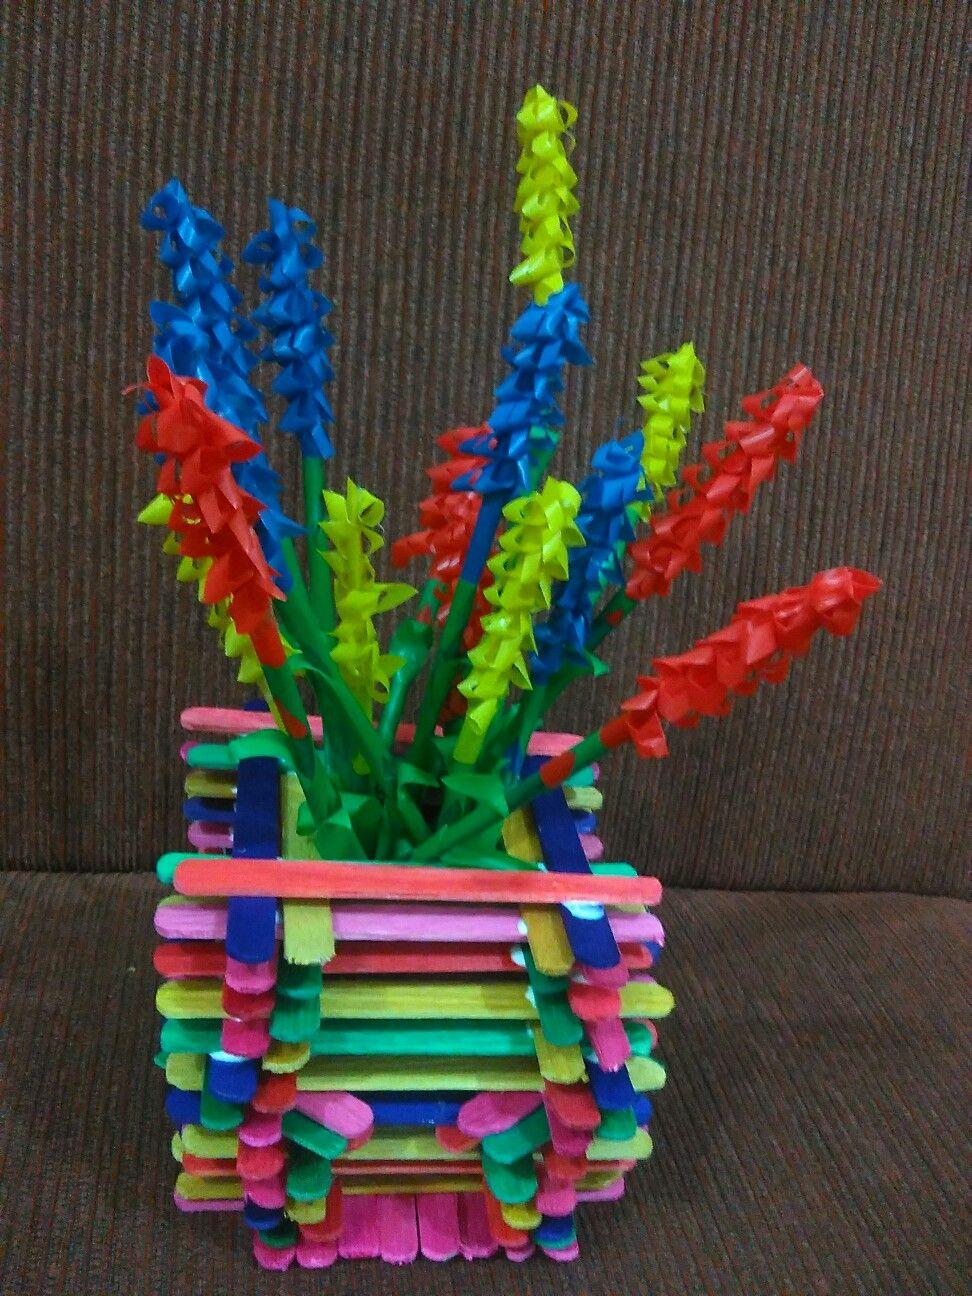 Diy Vas Bunga Dari Stik Es Krim Dan Bunga Dari Pipet Sedotan